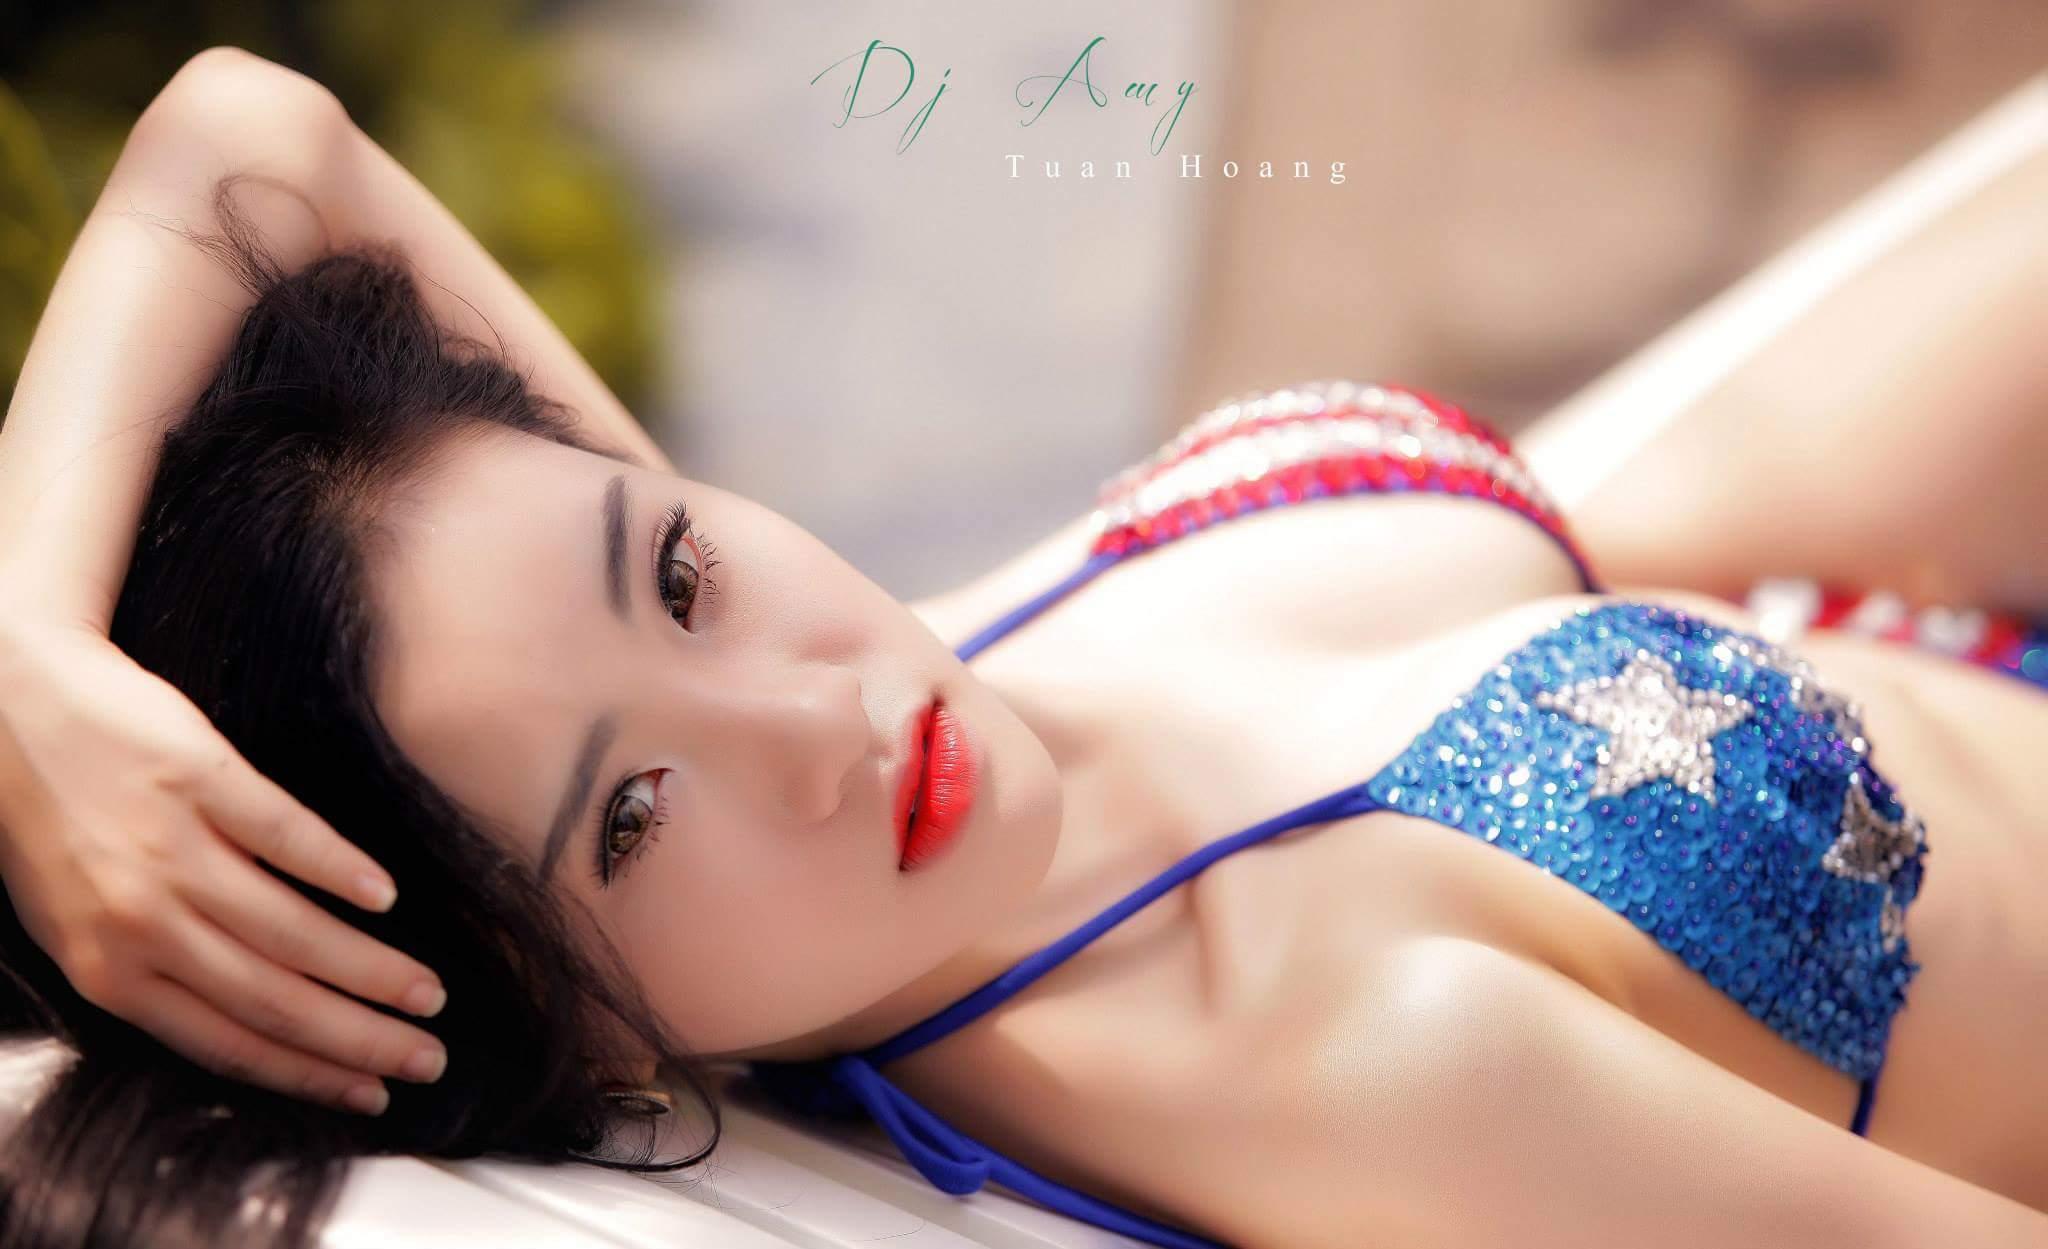 DJ My Bé Bỏng bikini sexy summer photo Tuấn Hoàng